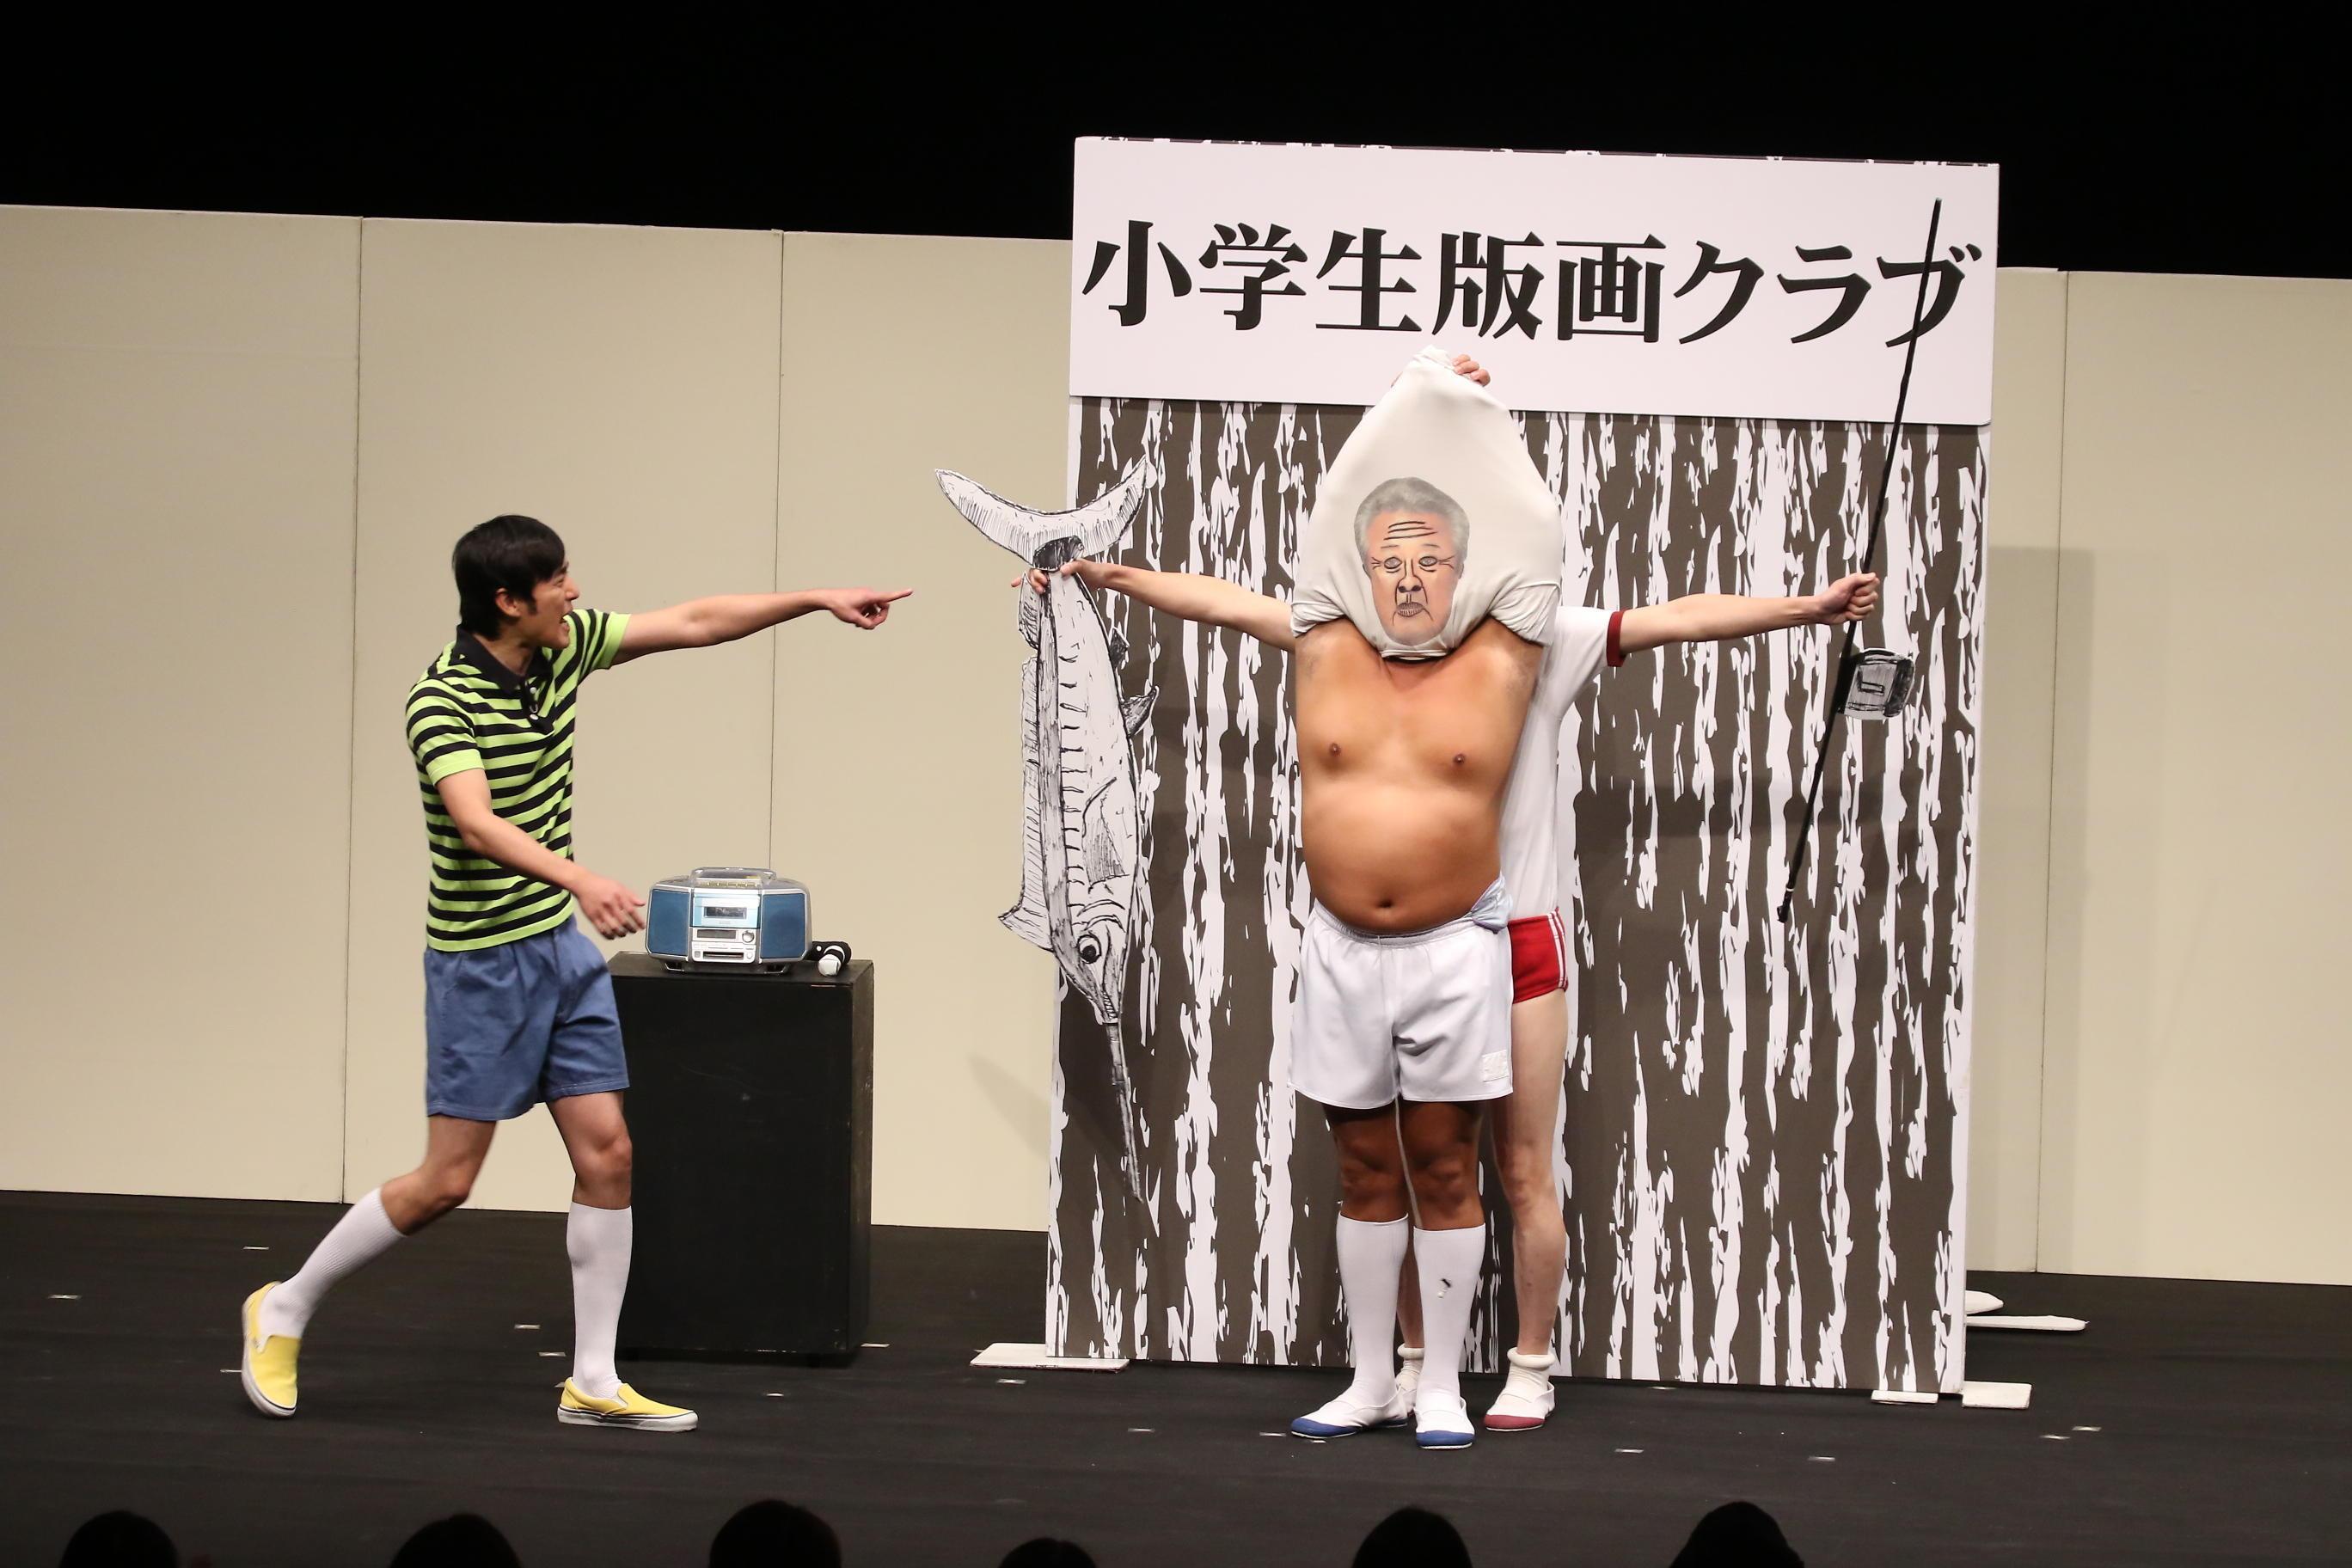 http://news.yoshimoto.co.jp/20190111103156-9dcbe4422c2d1947d2fddf97d1e5f9c33a616447.jpg